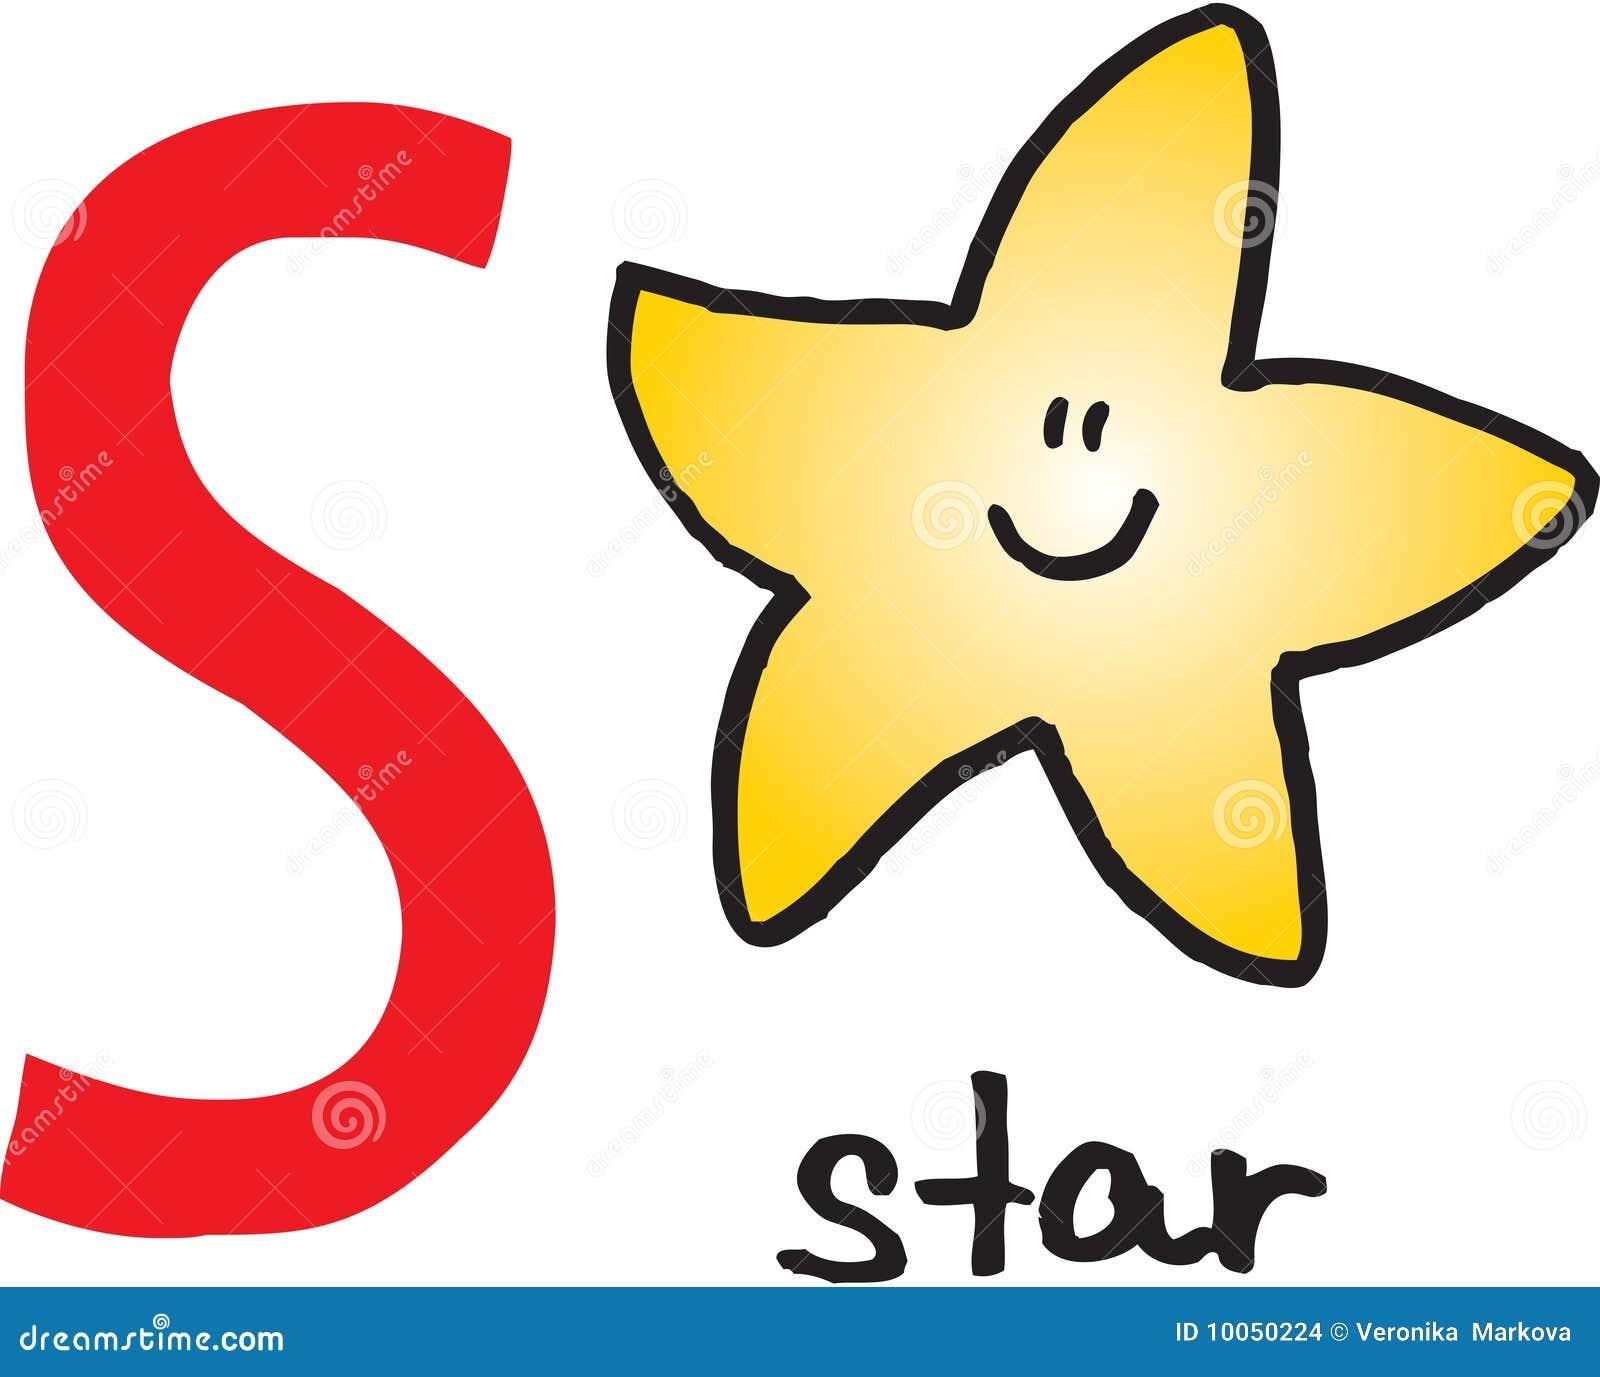 Letra S - estrela